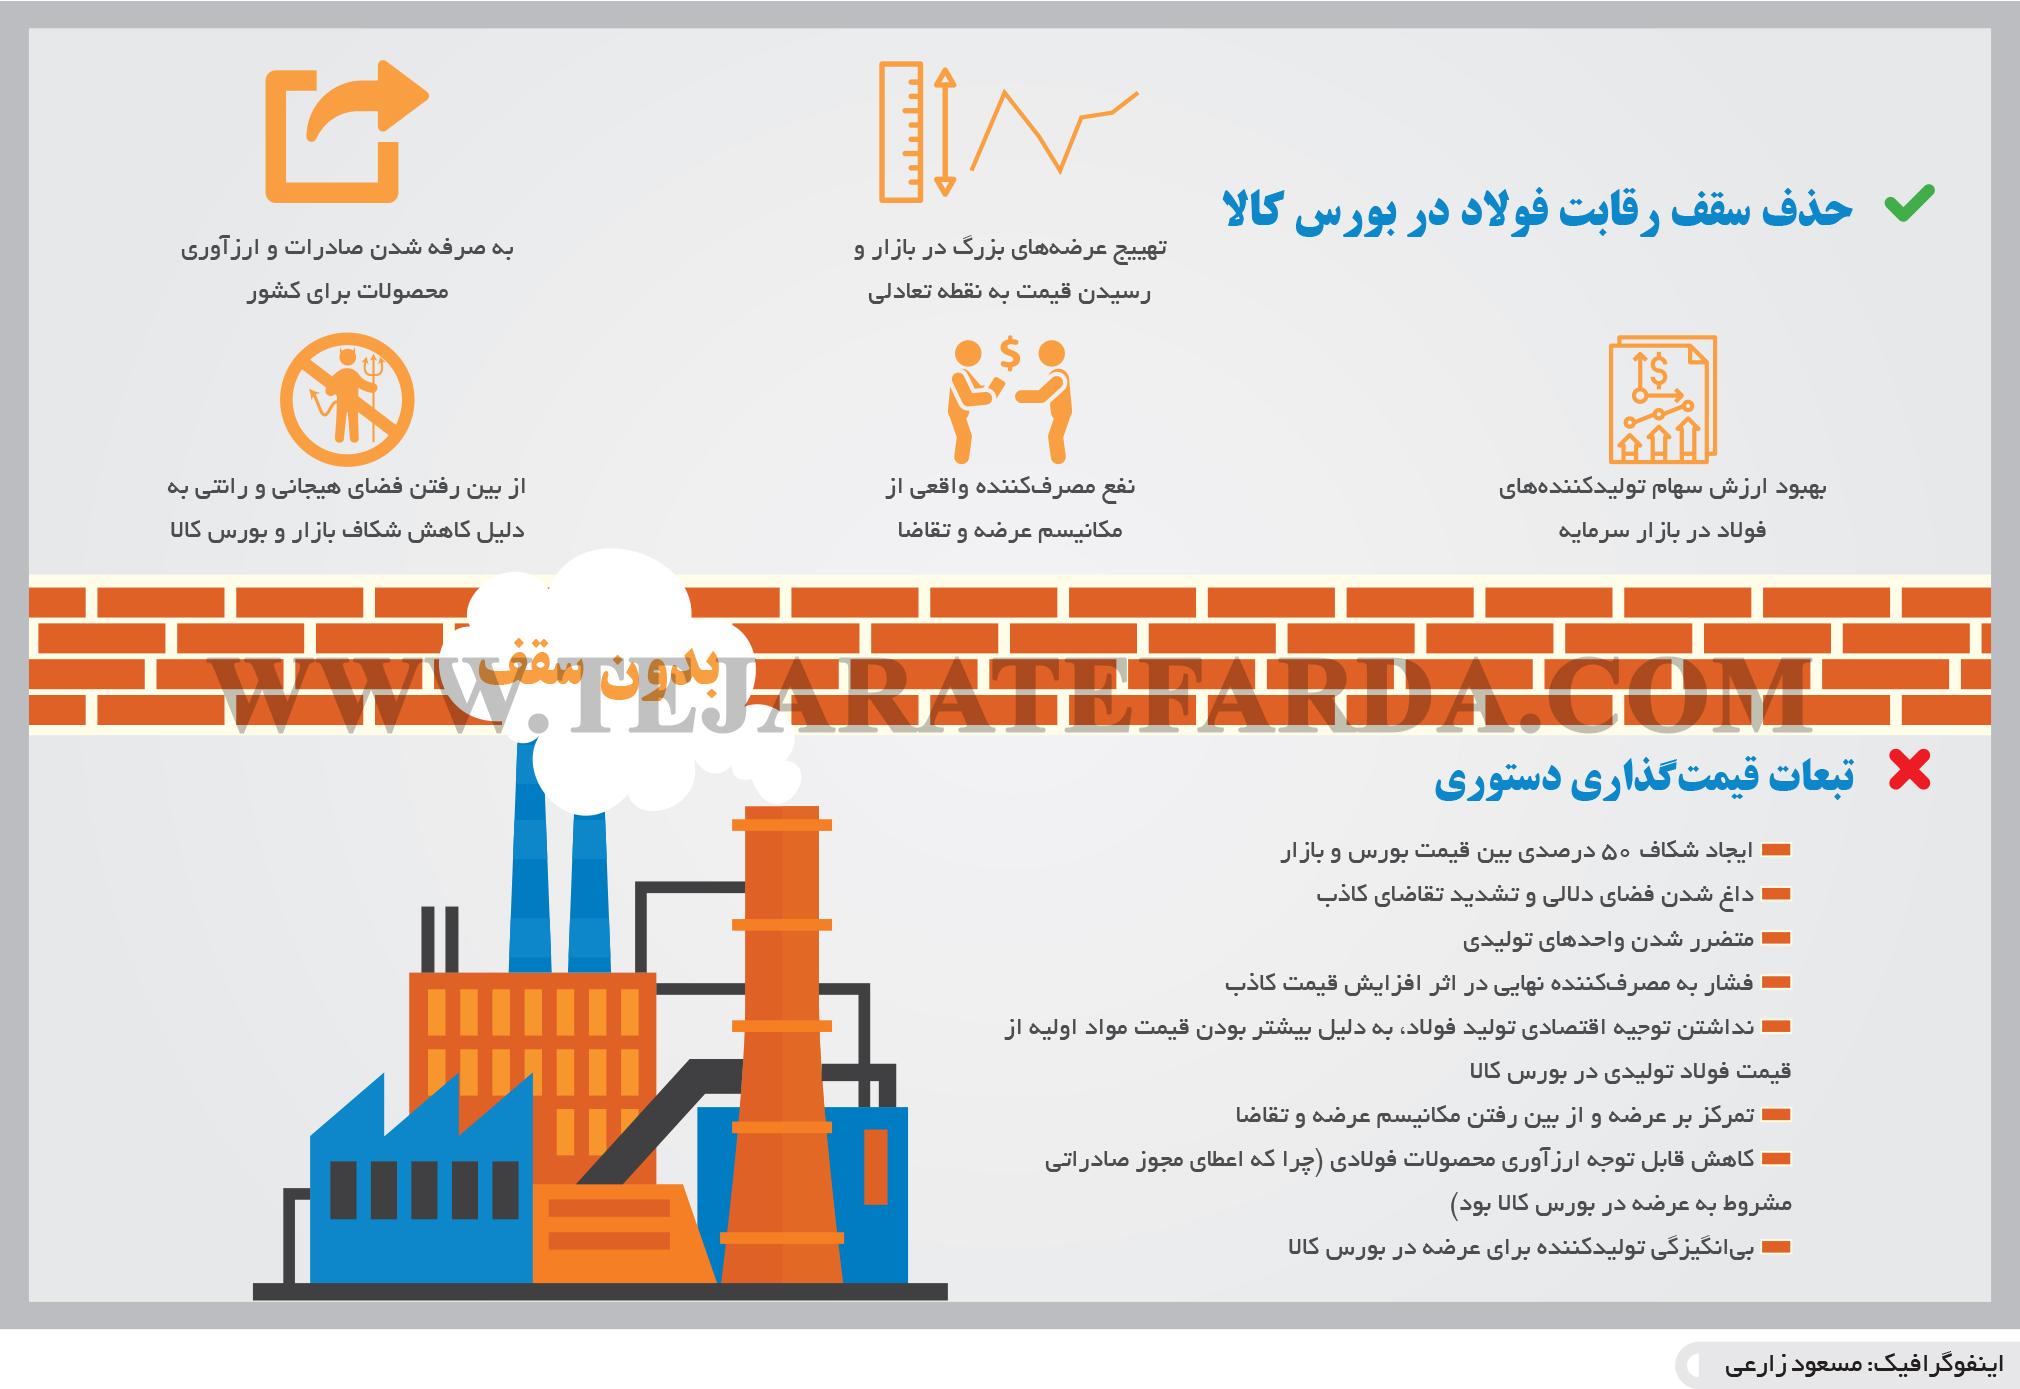 تجارت- فردا- حذف سقف رقابت فولاد در بورس کالا(اینفوگرافیک)